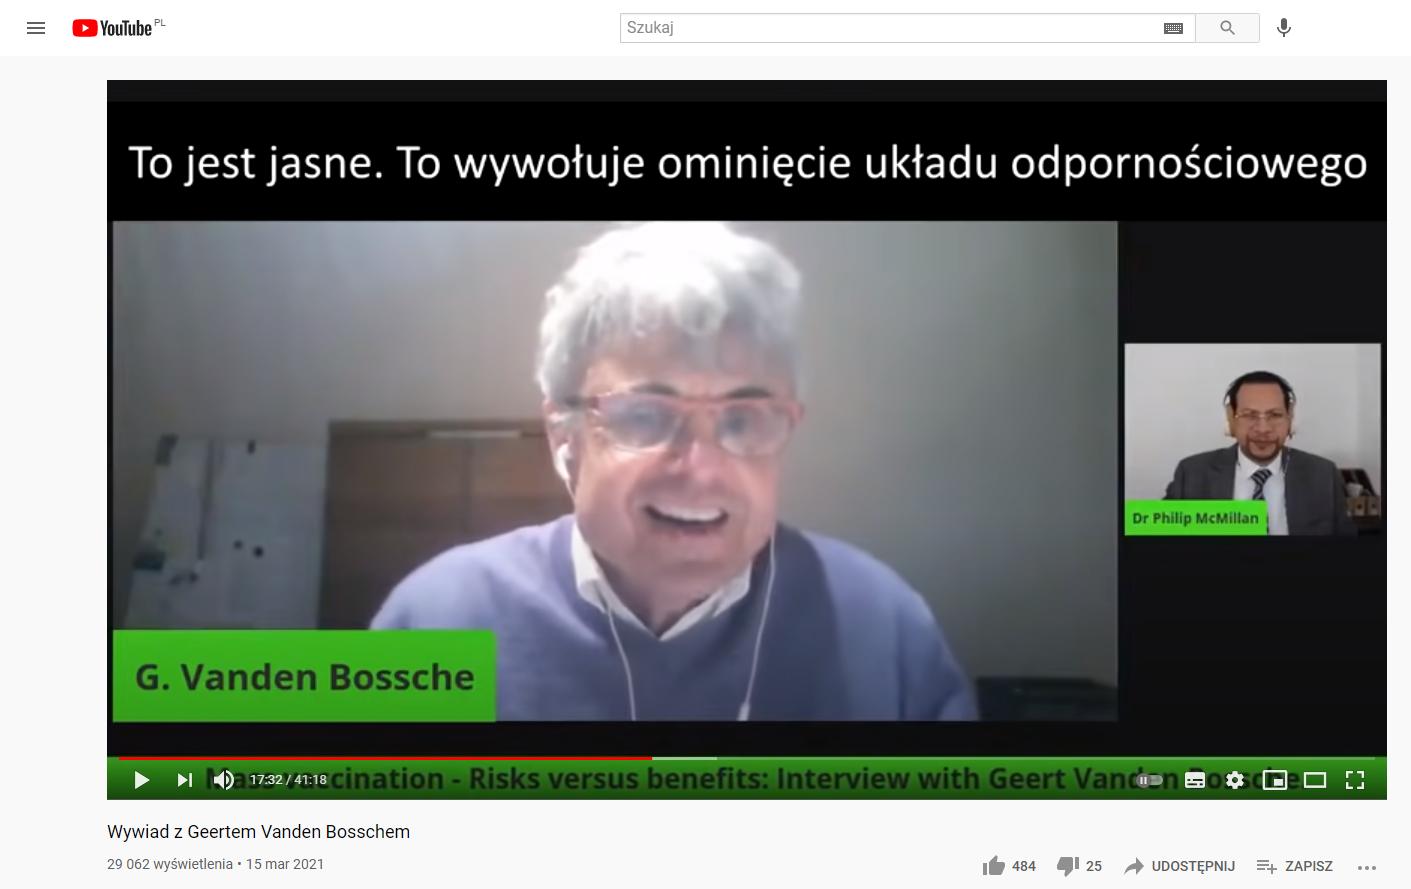 Wywiad z Geertem Vanden Bosschem z polskimi napisami pojawił się w serwisie YouTube 15 marca 2021